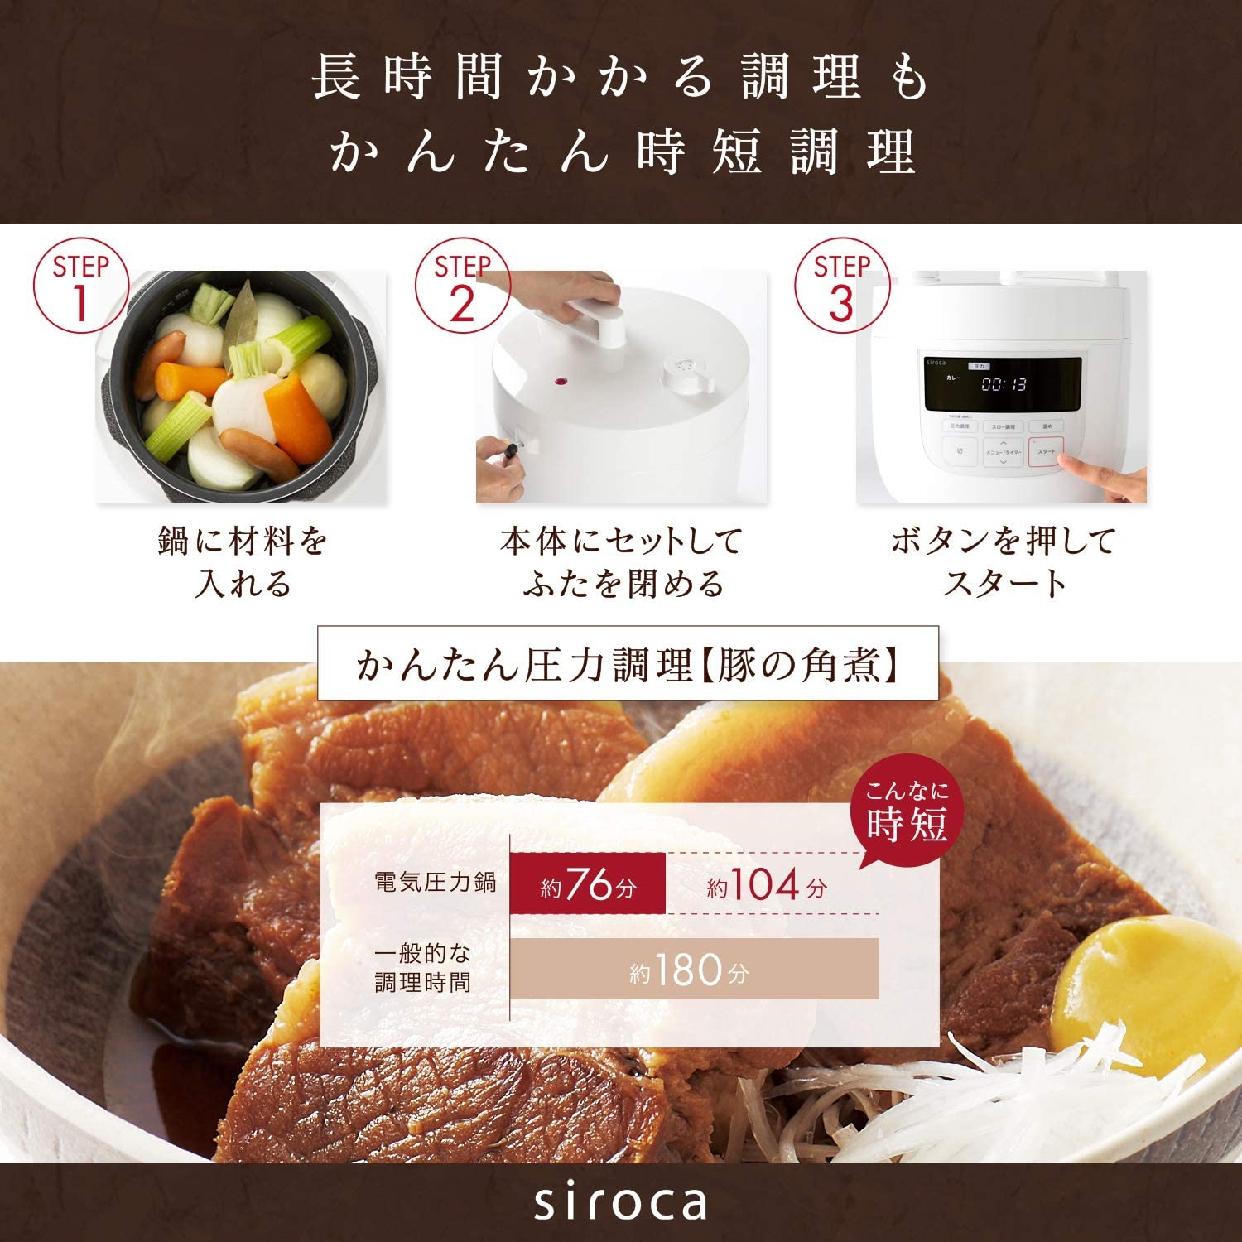 siroca(シロカ) 電気圧力鍋 SP-D131 ホワイトの商品画像5